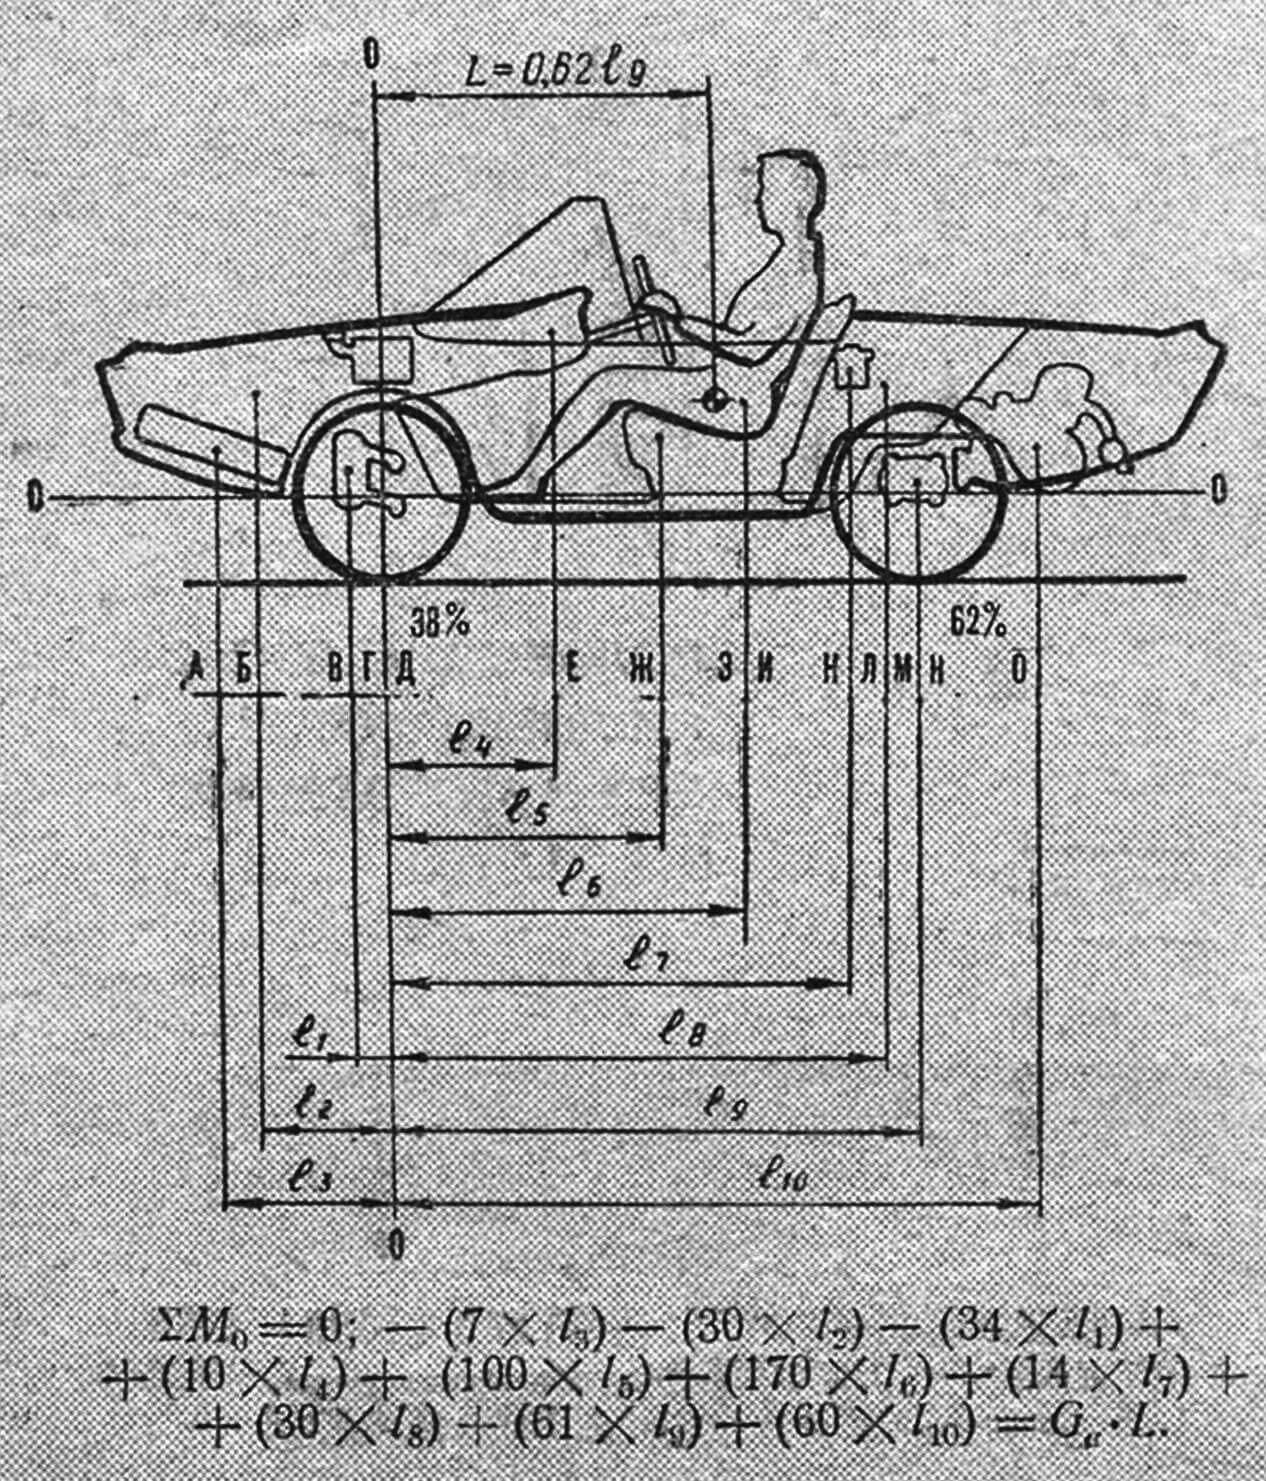 РИС. 3. РАЗВЕСОВКА: А - колесо запасное (7кг); Б - багаж (30кг); В - передний мост (34 кг); Г — колеса (14 кг); Д — бензобак (10 кг); Е — приборы, рулевой механизм (10 кг); Ж — кузов (100 кг); 3 — пассажиры (150 кг); И — сиденье (20 кг); К — аккумуляторная батарея (14 кг); Л — багаж (30 кг); М — задний мост (27 кг); главная передача (20 кг); Н - колеса (14 кг); О - двигатель (60 кг).